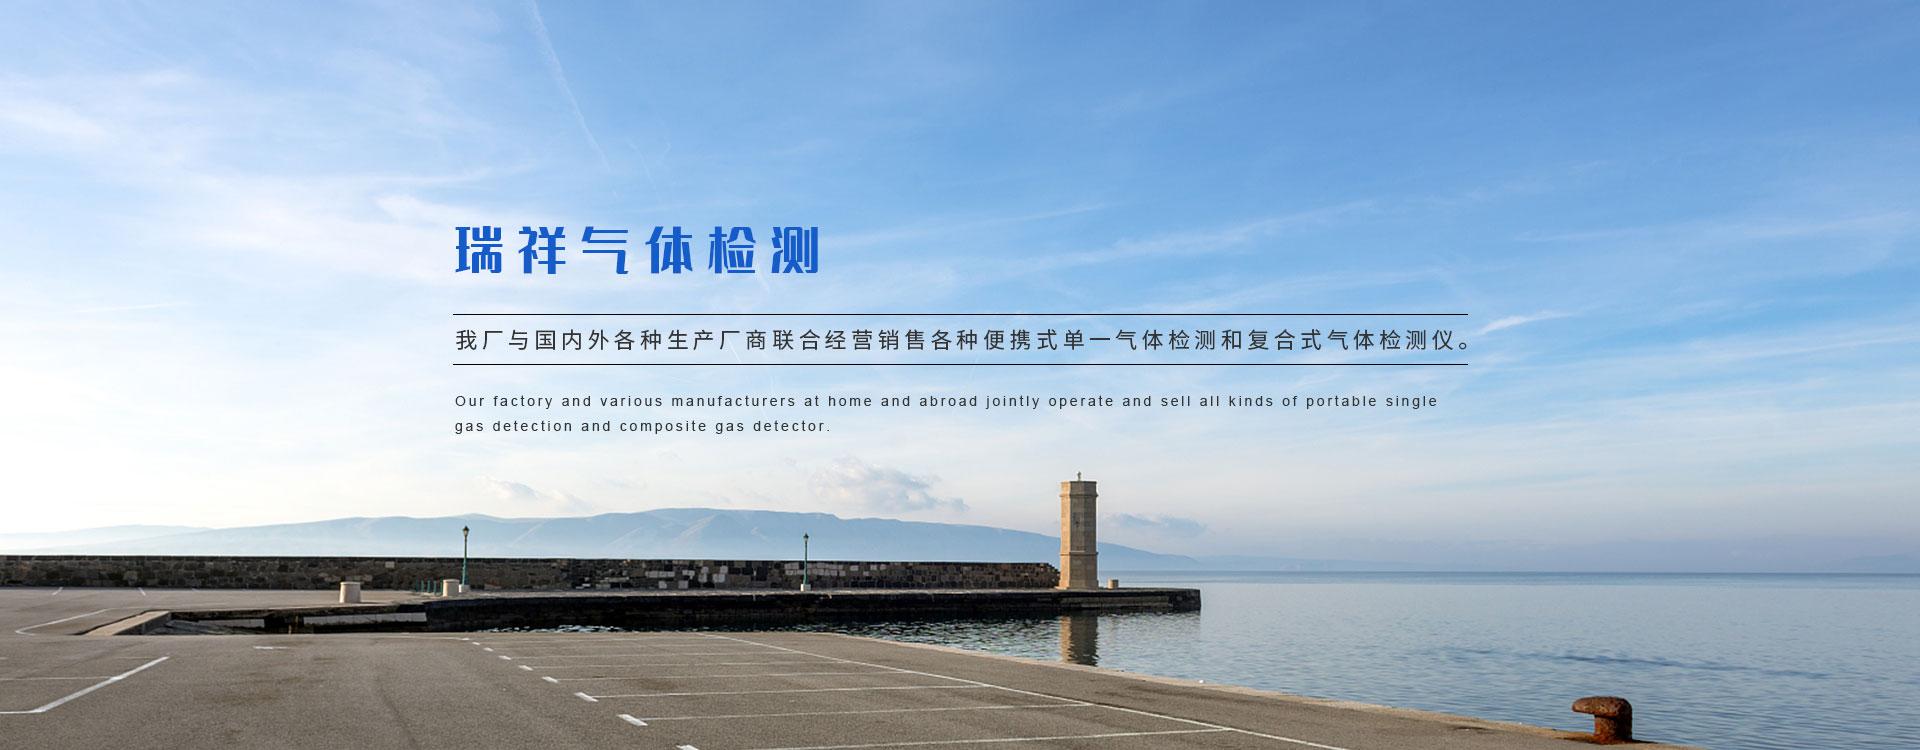 河南职业卫生检测测试箱